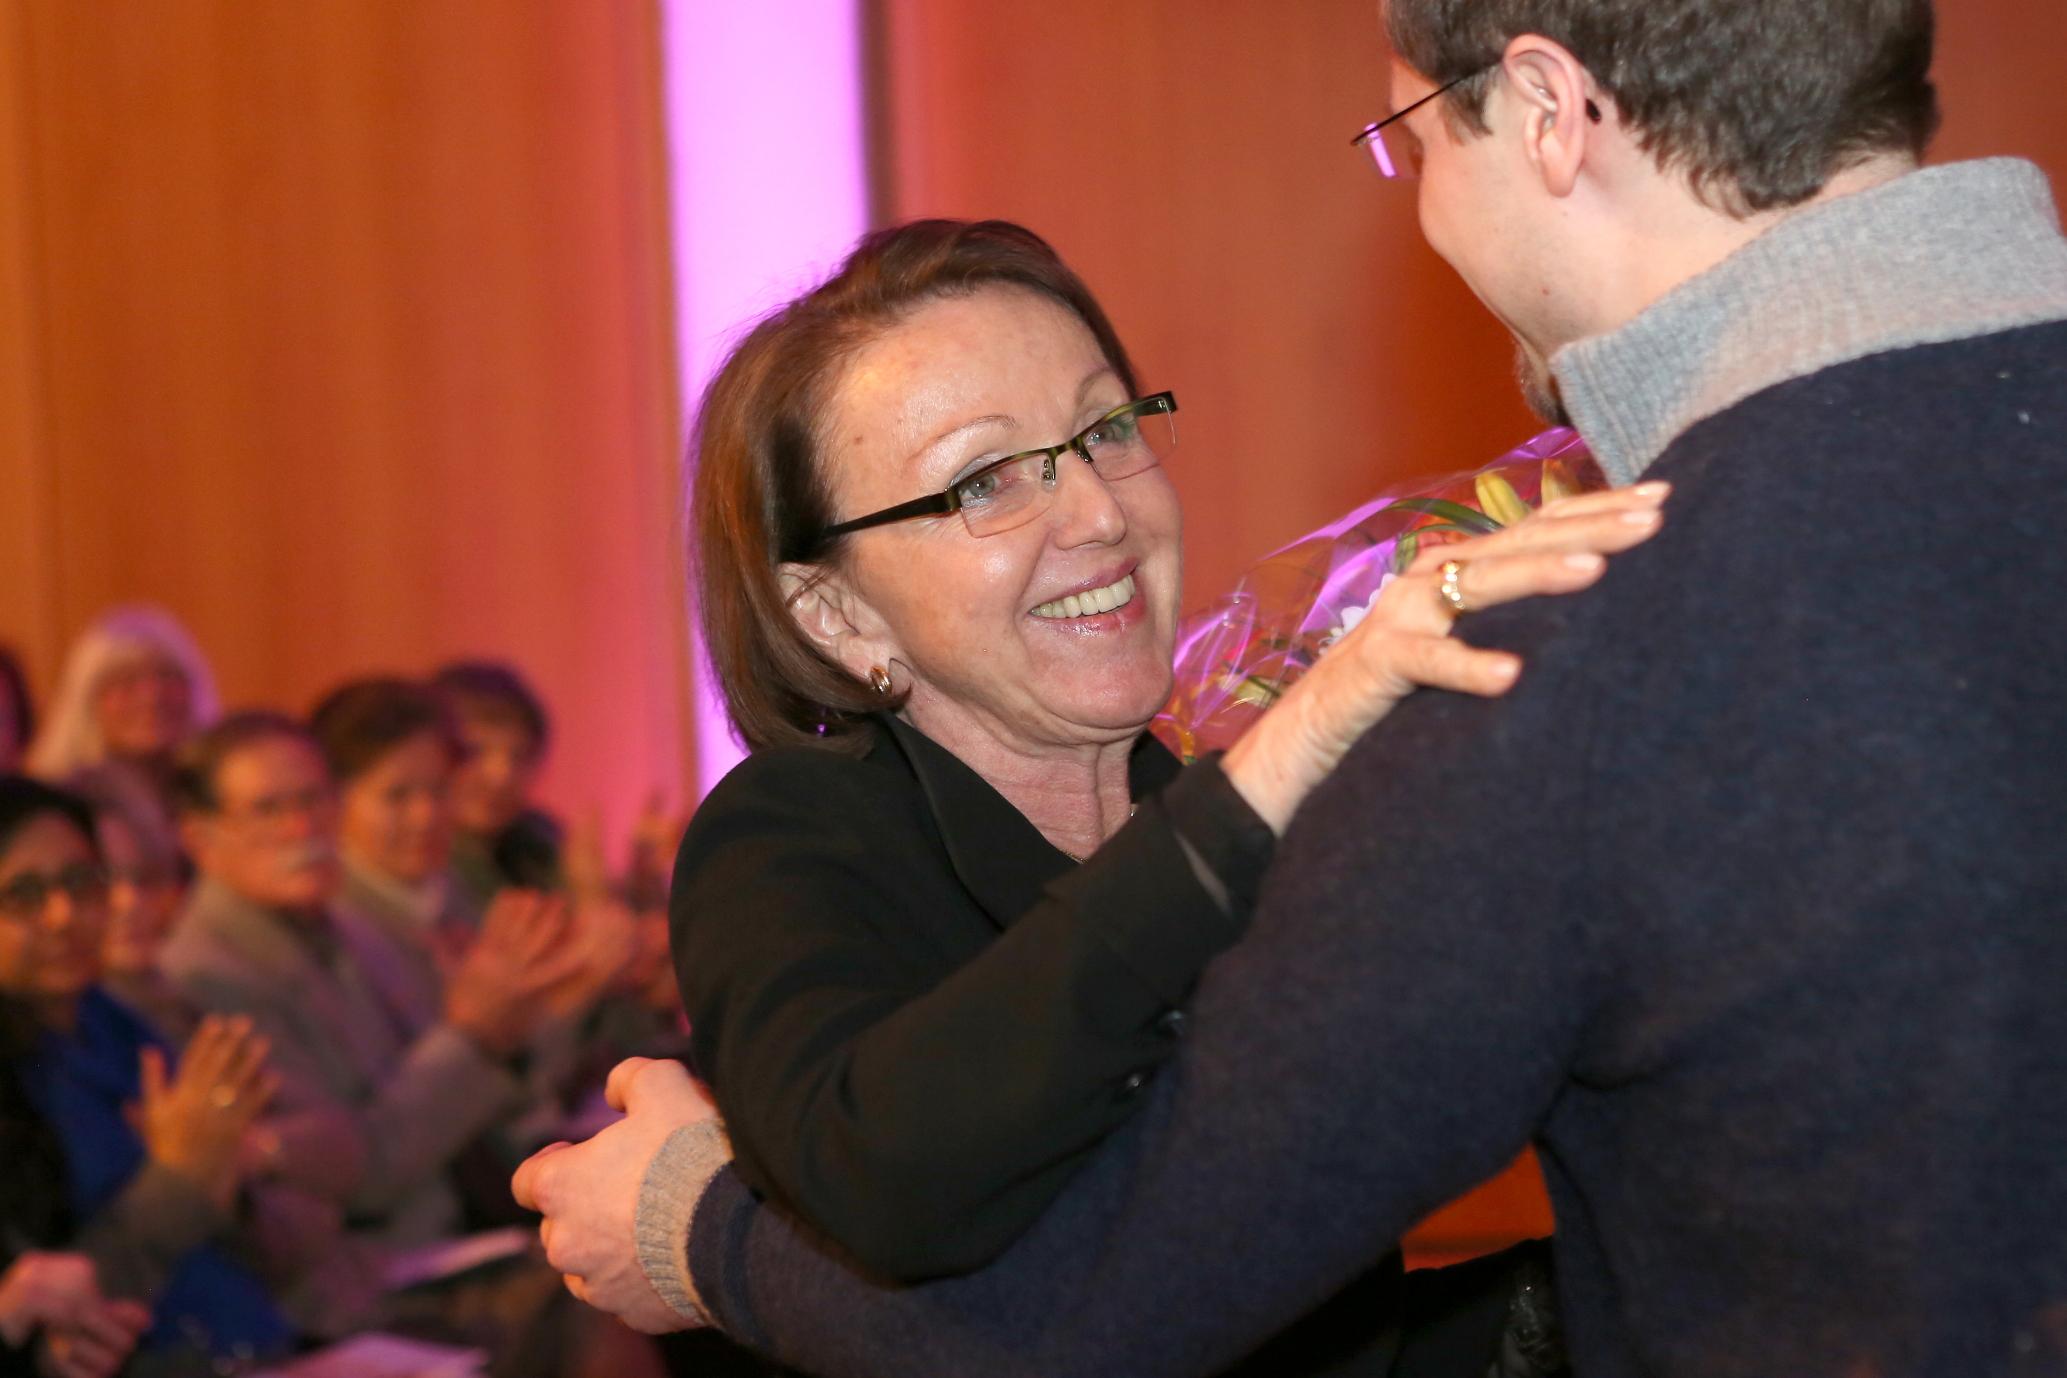 Dank an Dr. Eva Umlauf nach ihrer Rede bei der Gedenkveranstaltung am 29.01.2015 im Hubert-Burda-Saal der Israelitischen Kultusgemeinde in München, Foto: Sylvie Köker